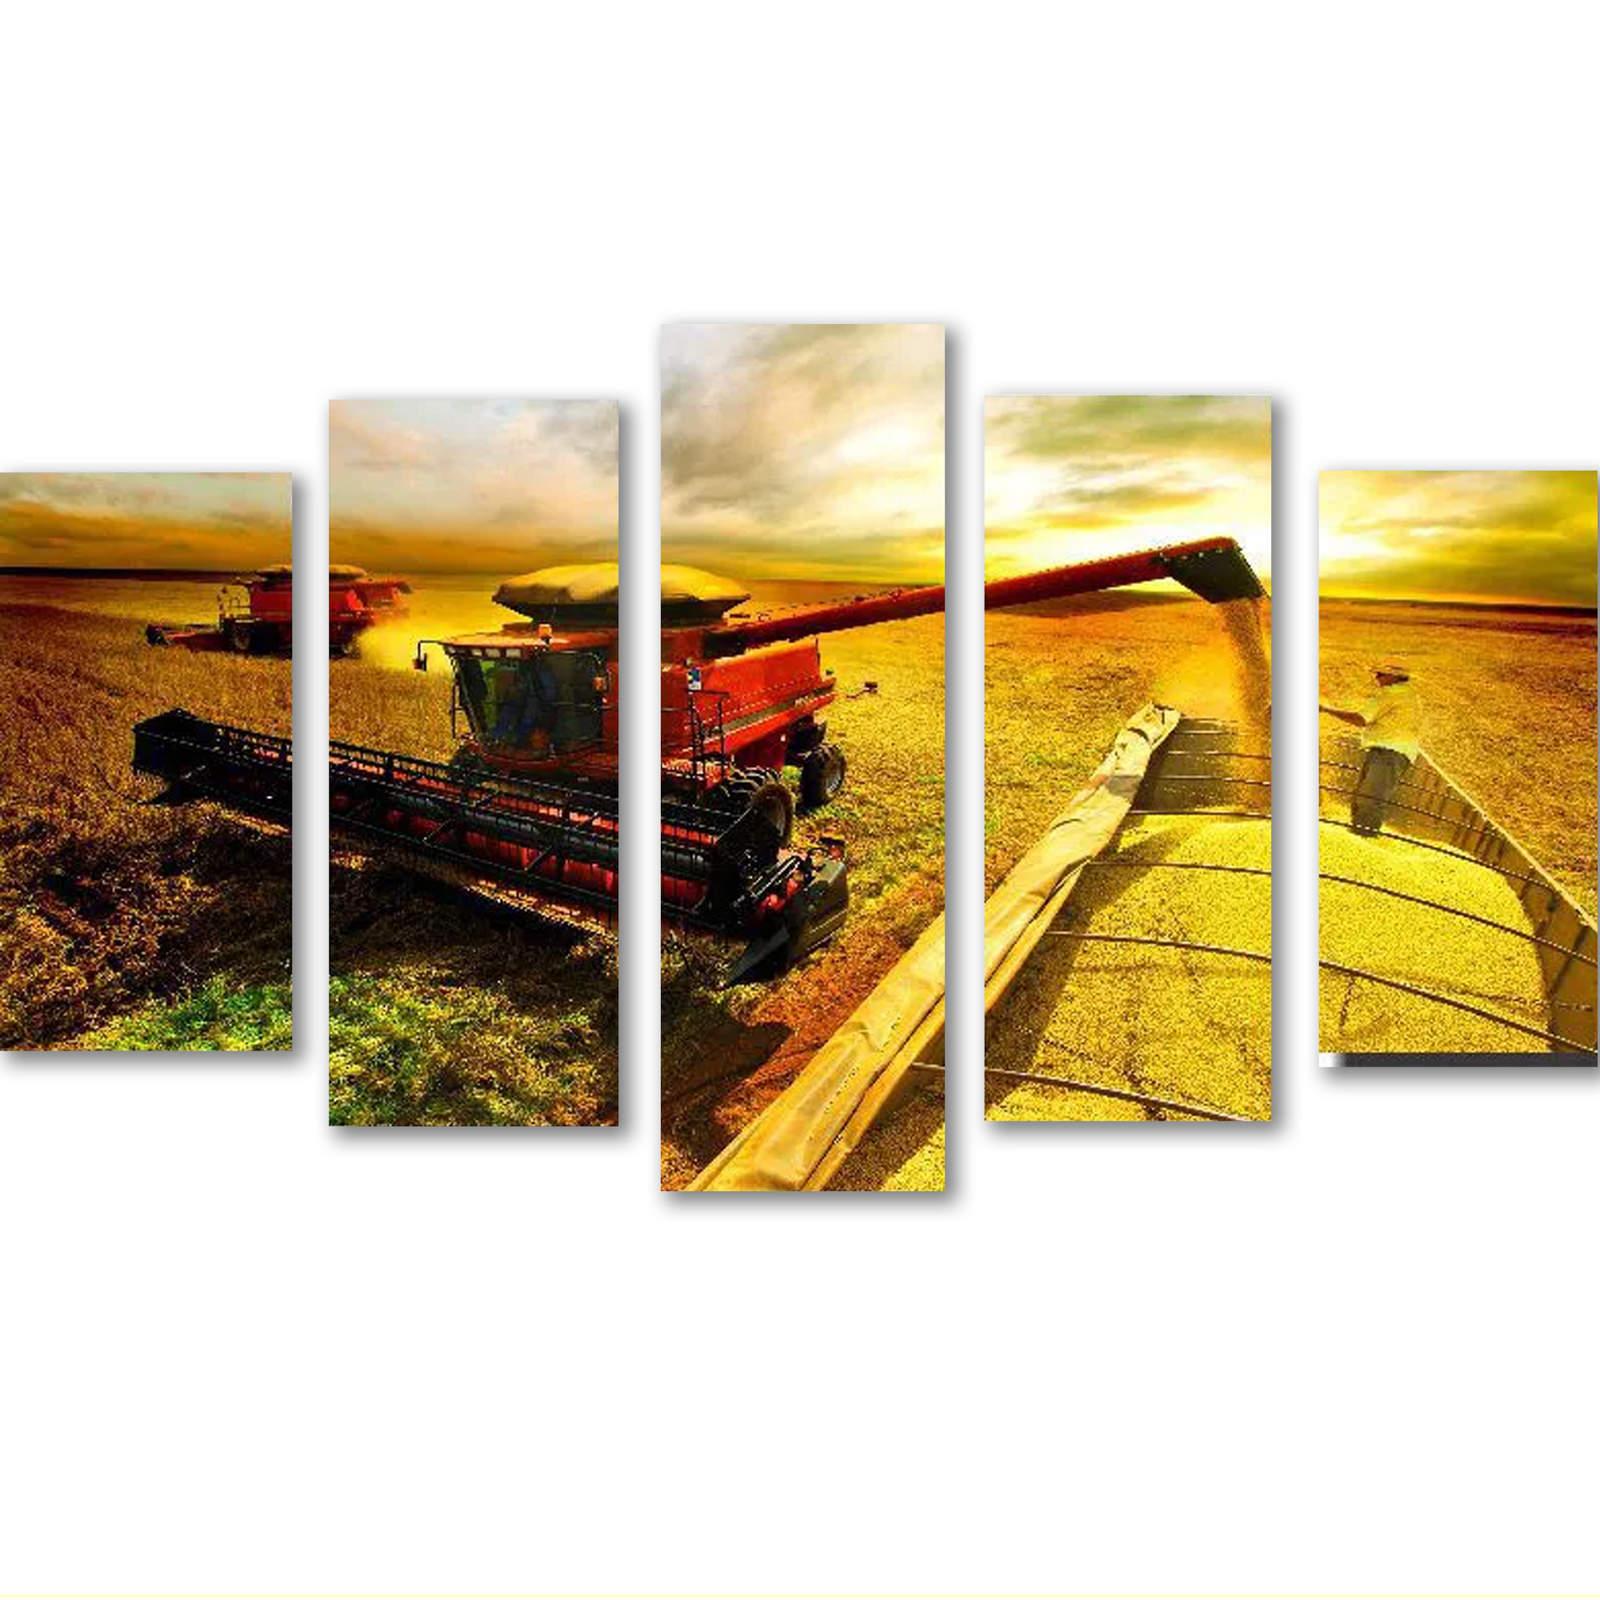 Quadro Decorativo Agricultura Colheitadeira Ceifadeira Varias Peças